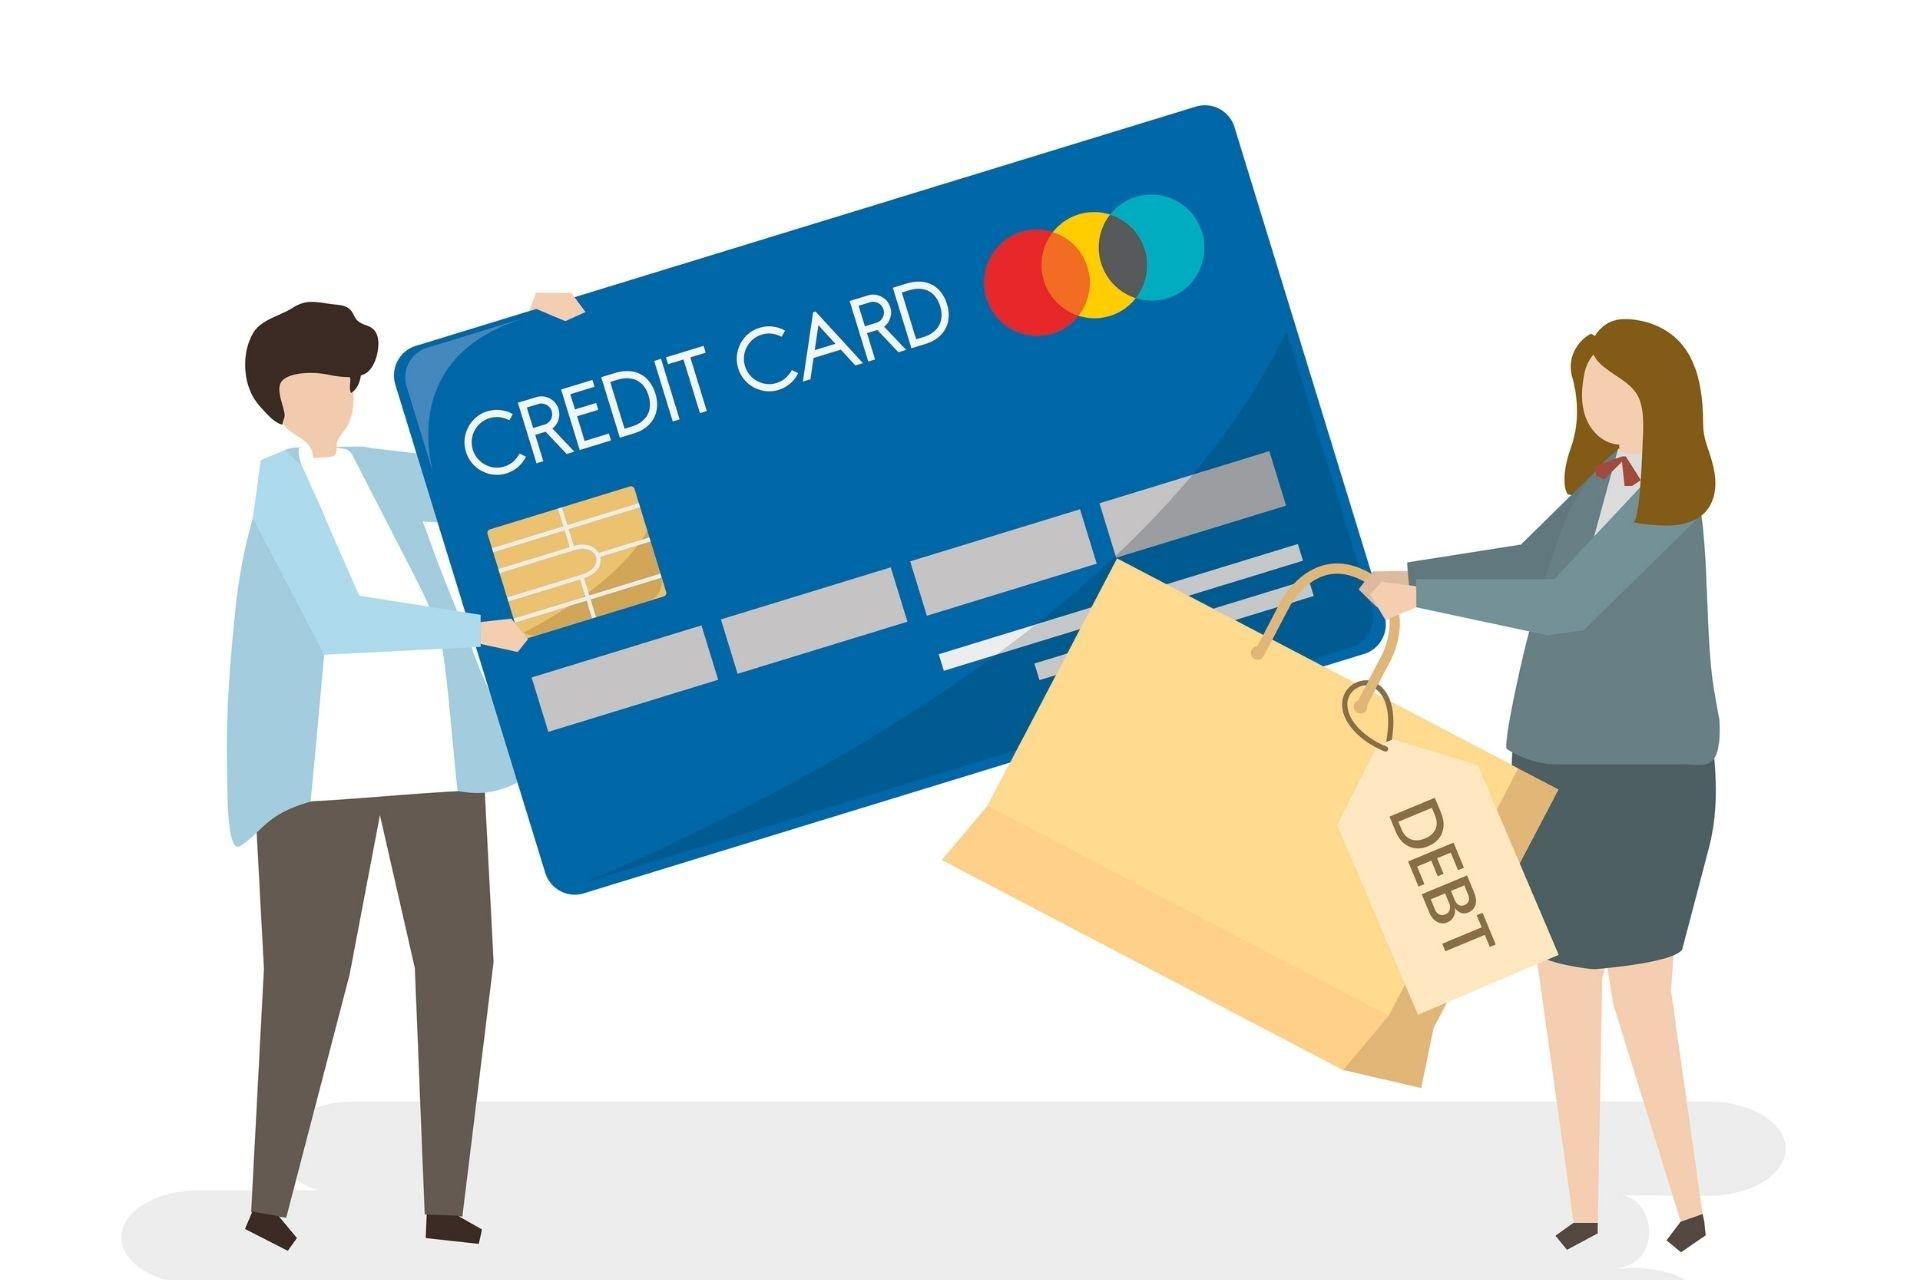 8% Dip in Credit Card buys for April-June Quarter